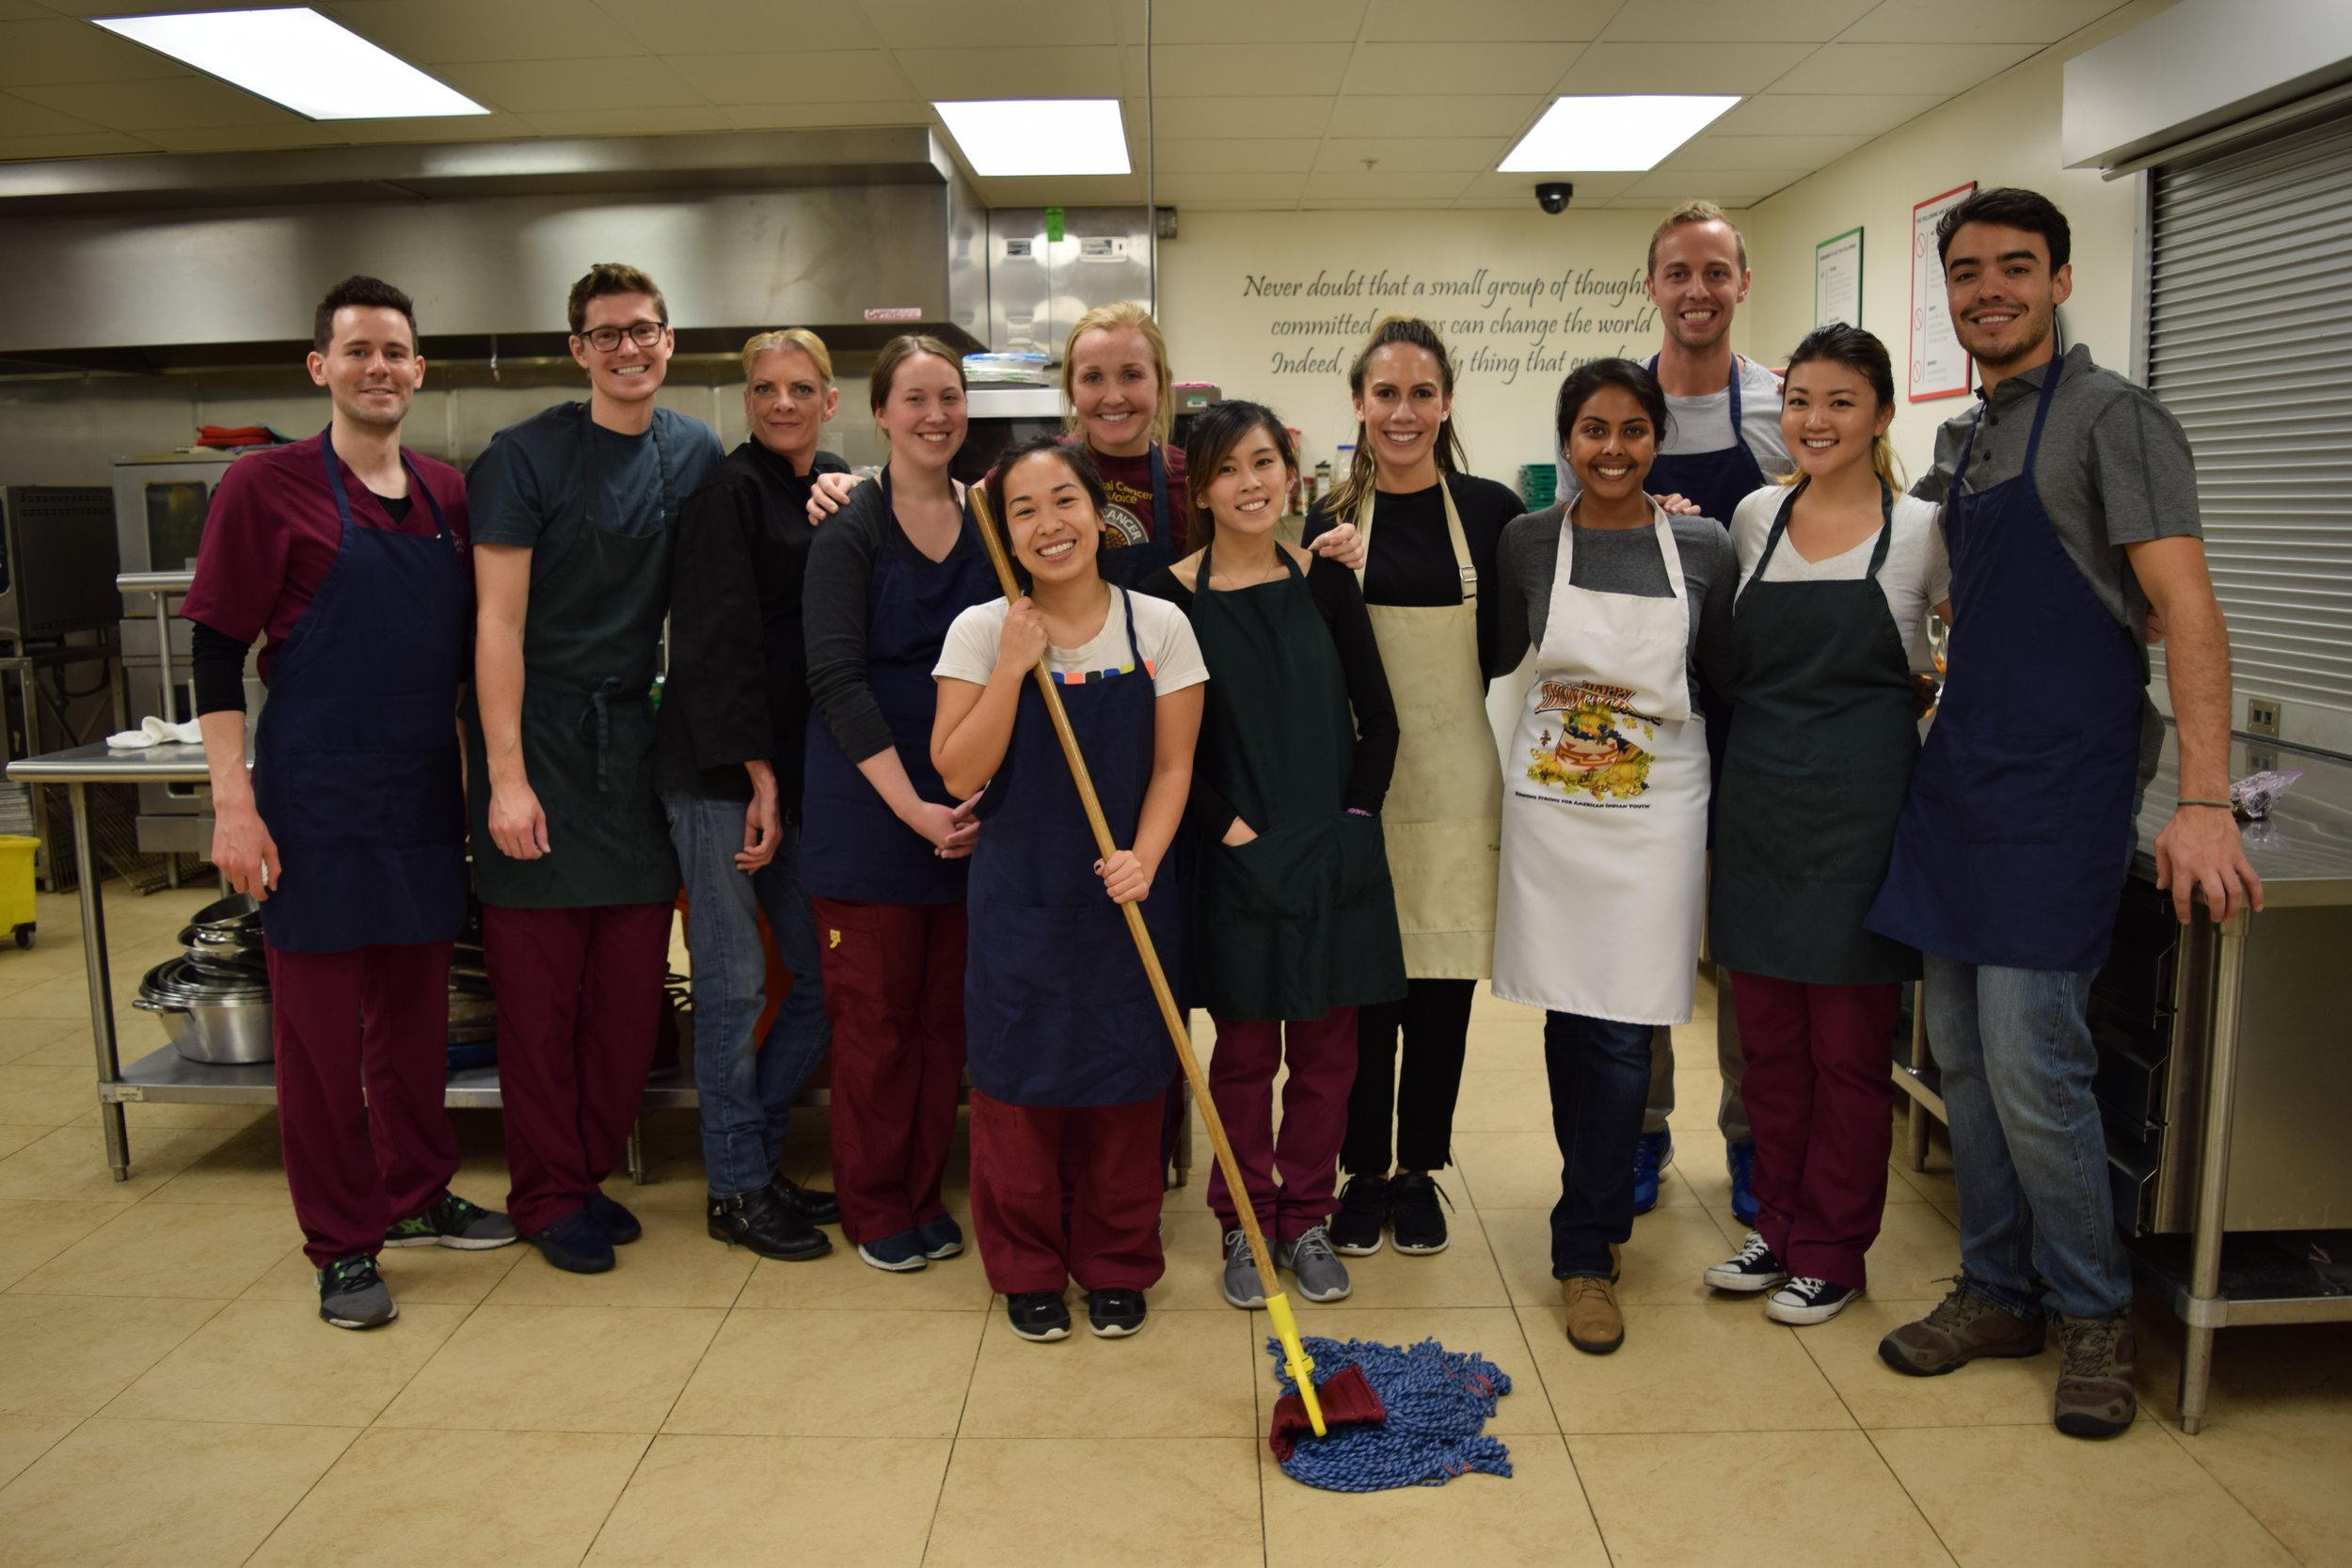 Food & Care Coalition